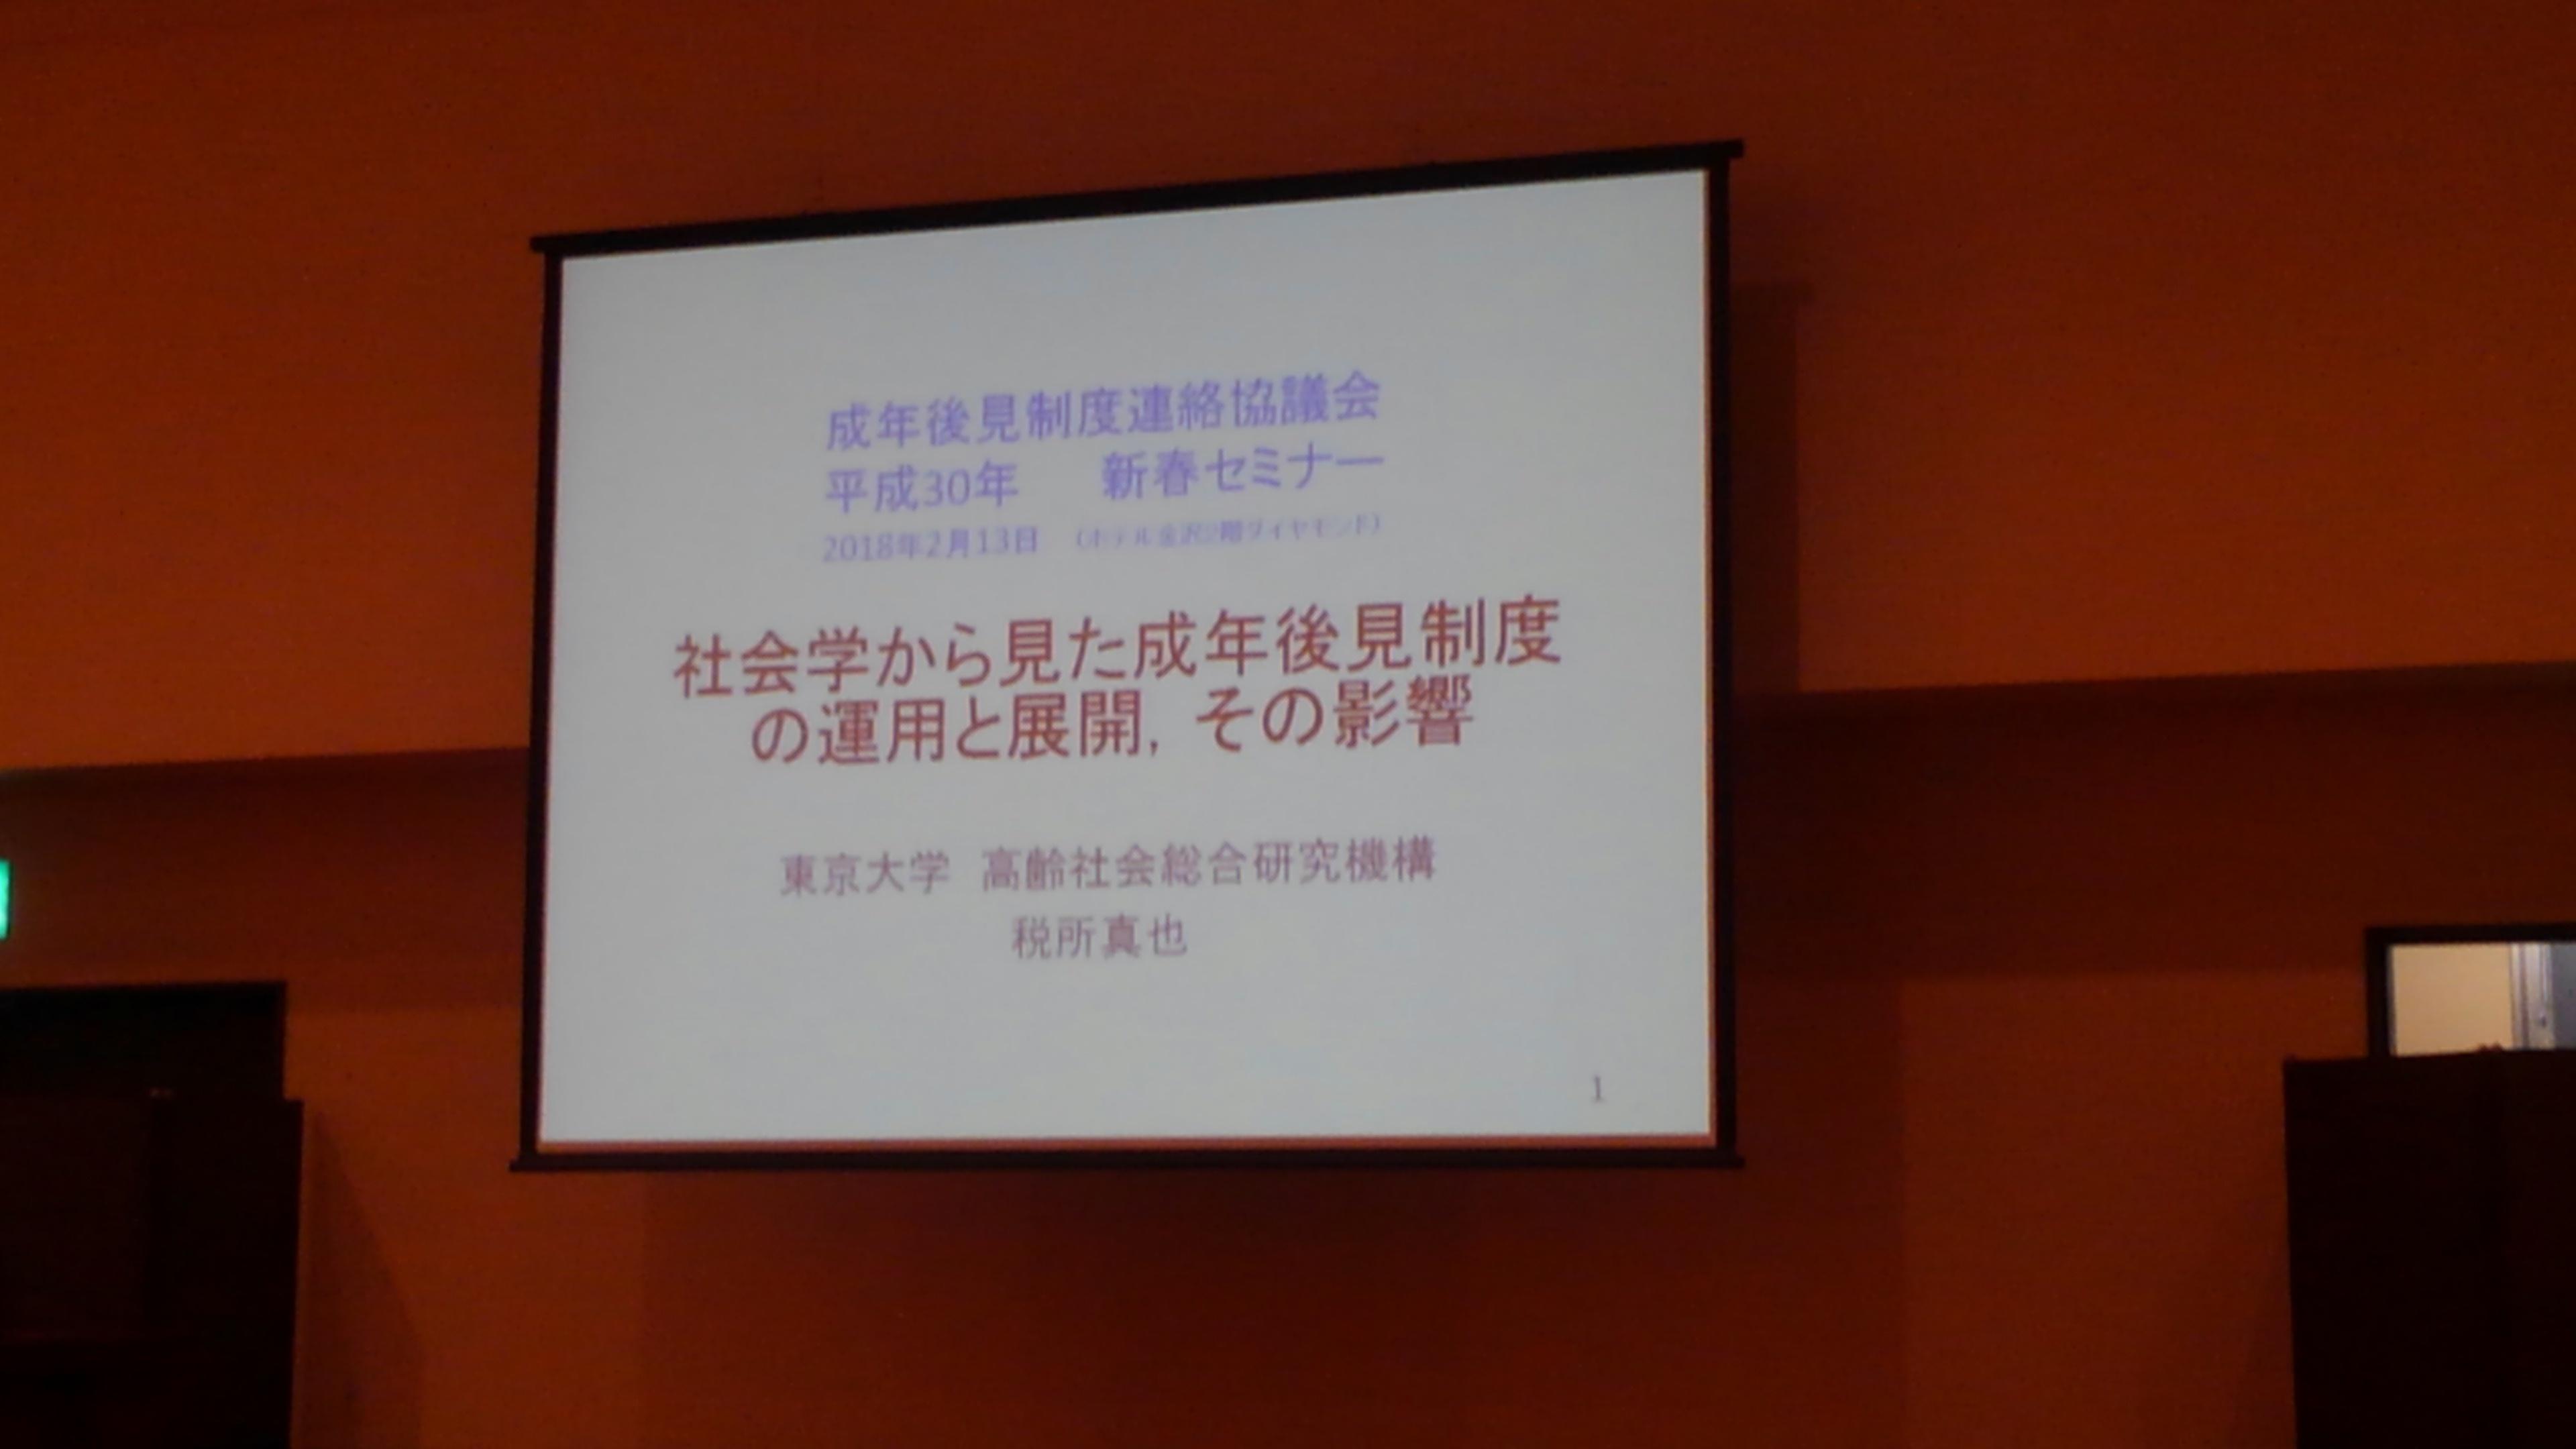 180213 成年後見制度連絡協議会研修会